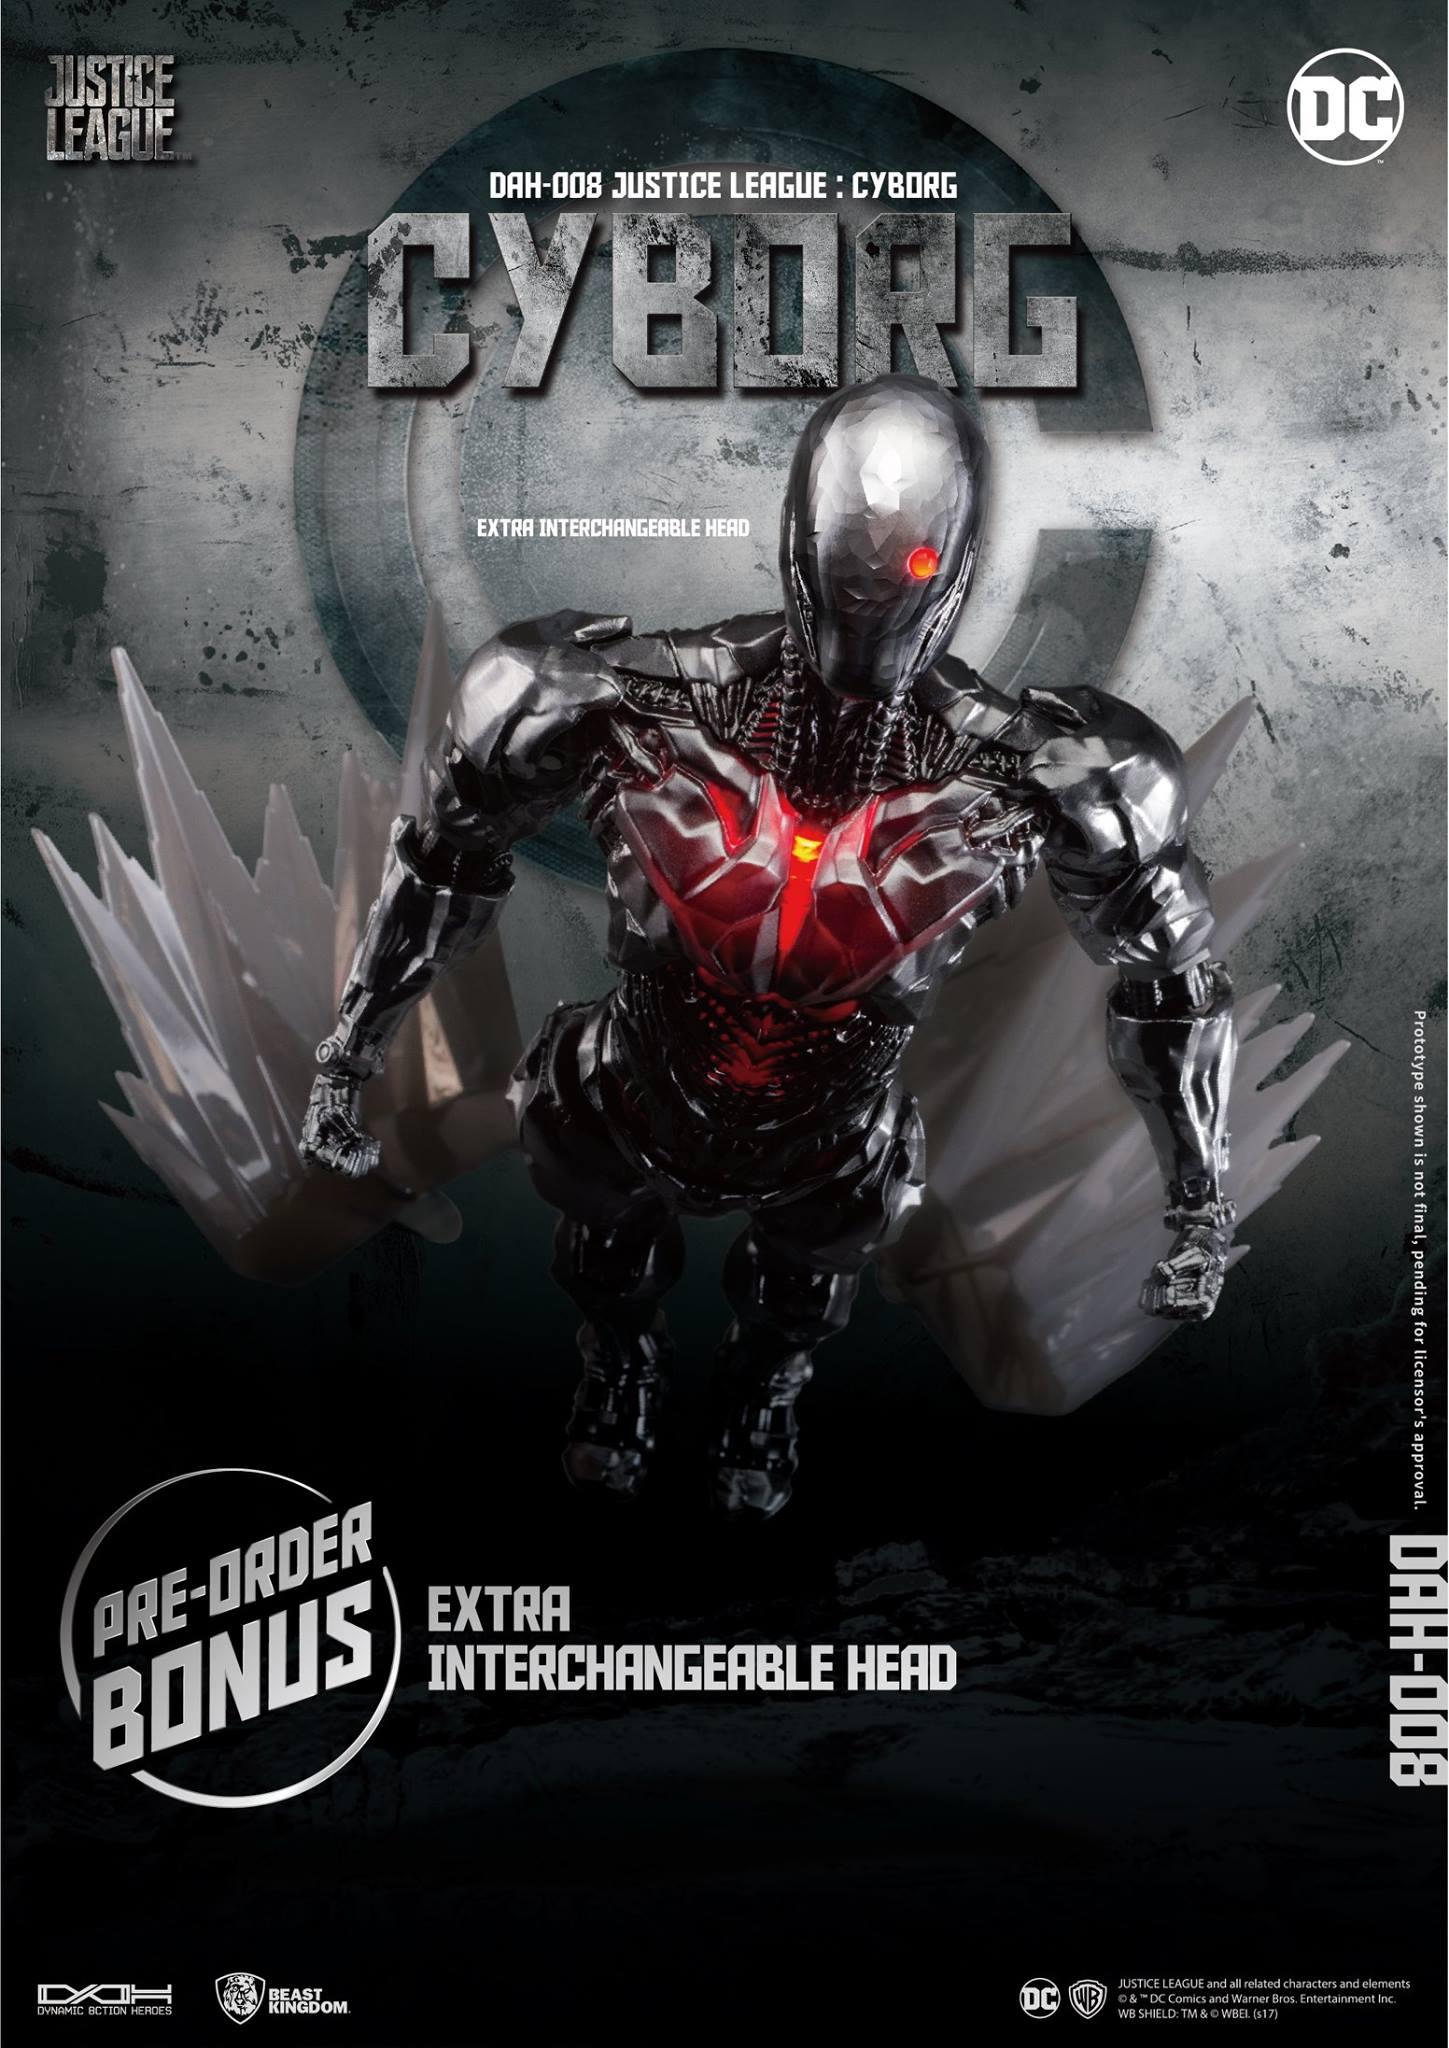 DAH-Justice-League-Cyborg-006